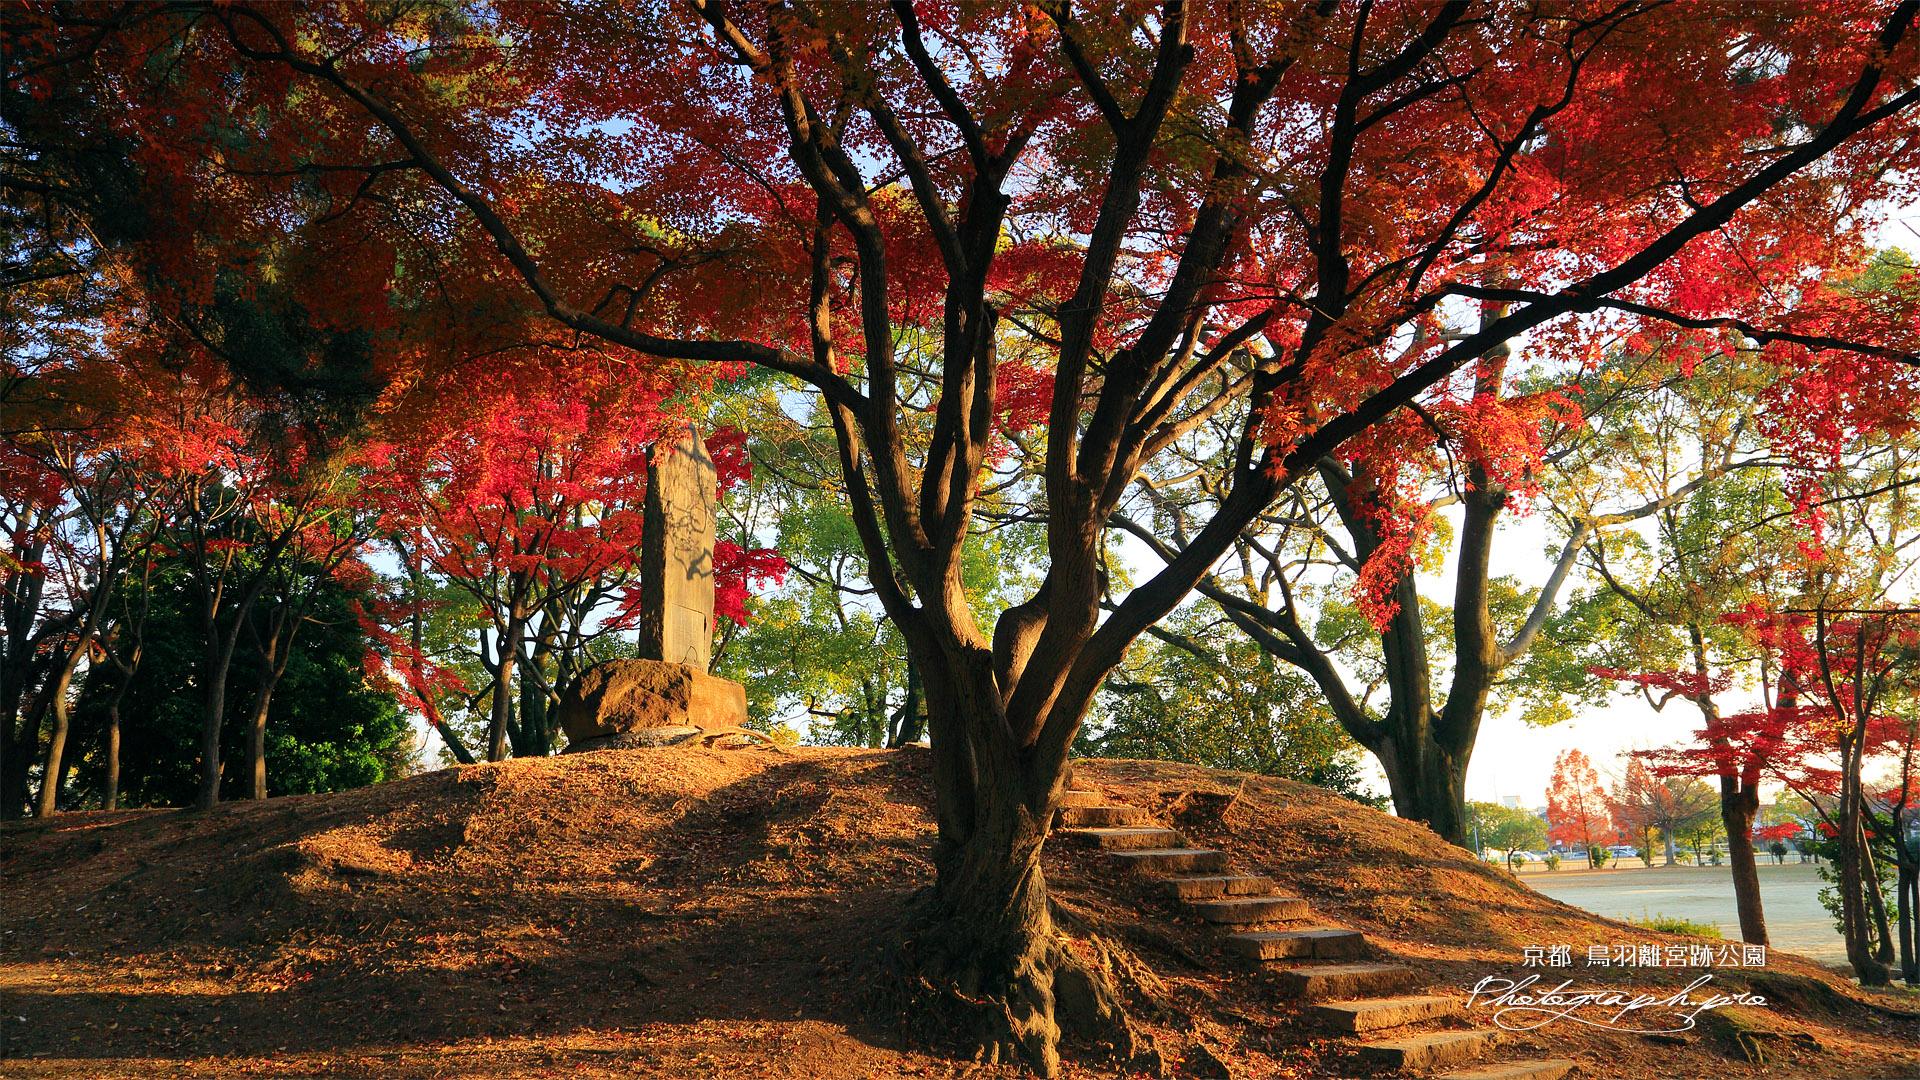 鳥羽離宮跡公園 秋ノ山の紅葉 の壁紙 19x1080